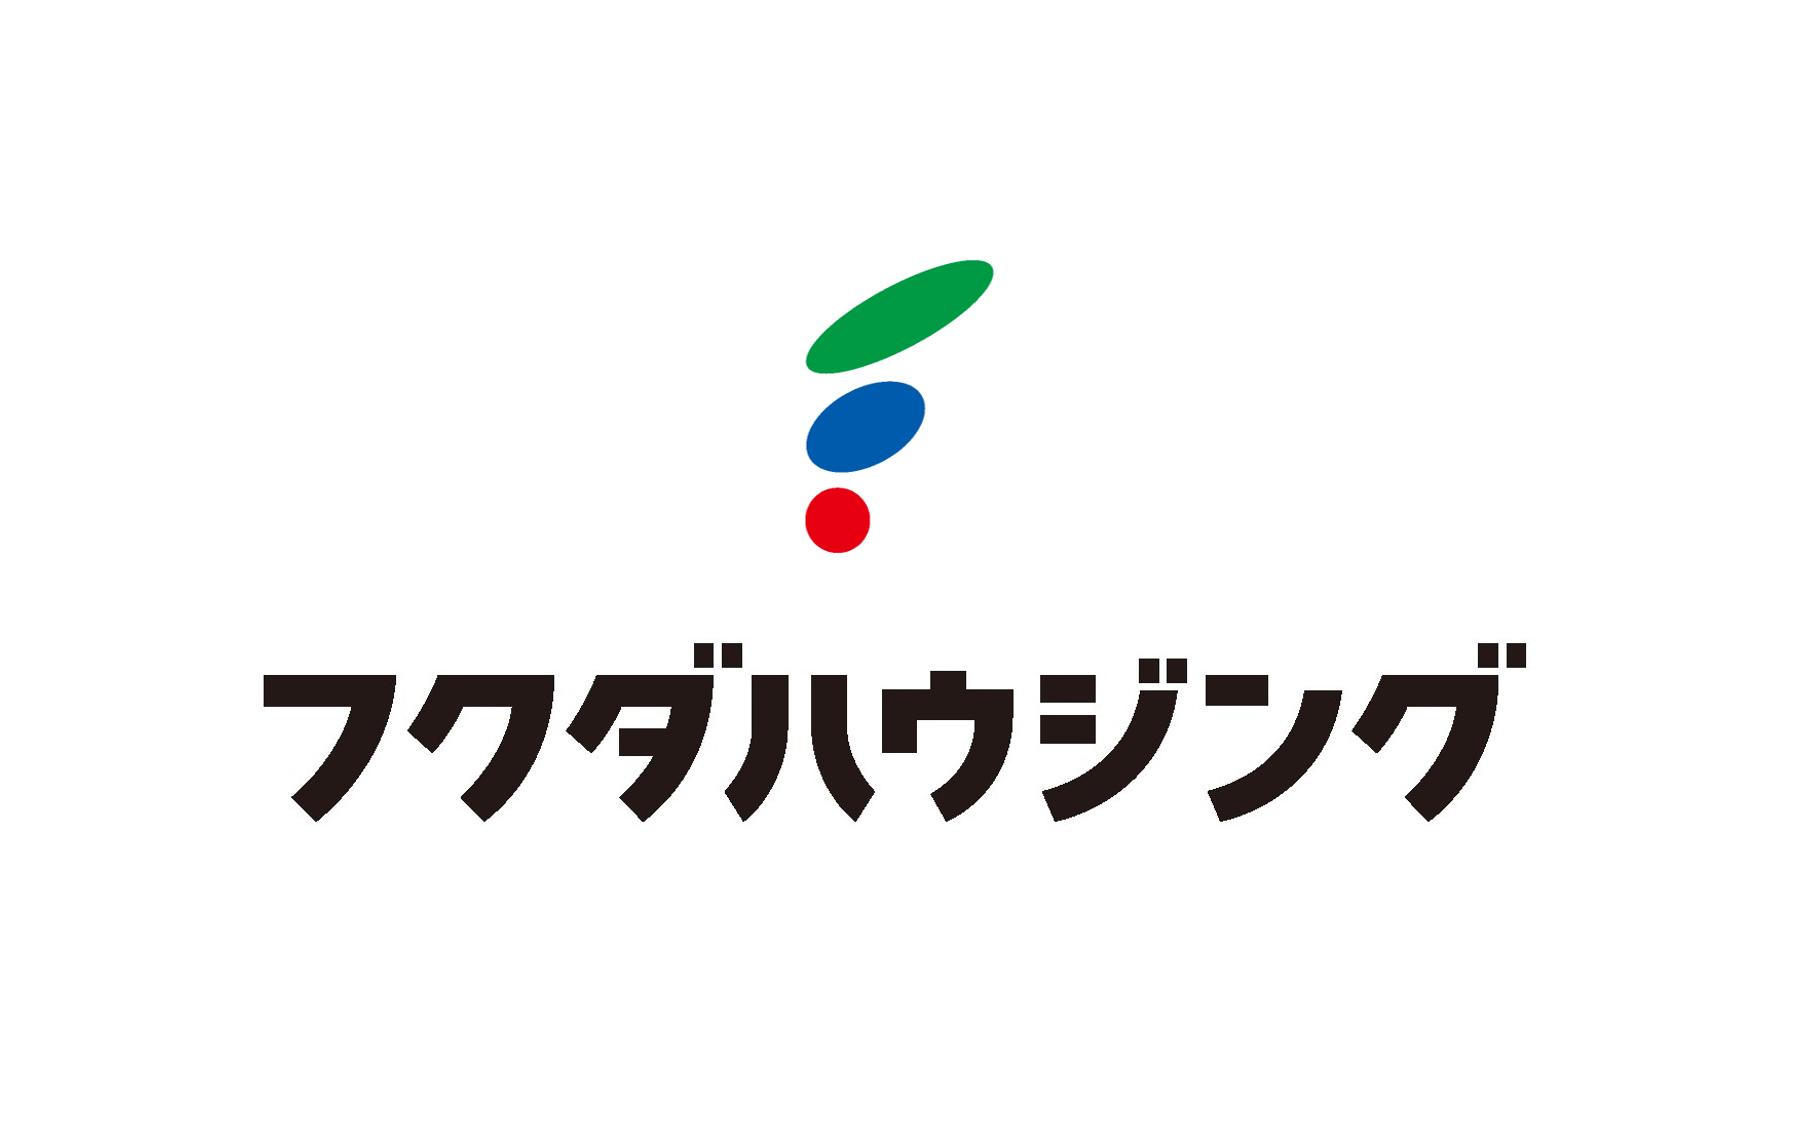 フクダハウジング株式会社